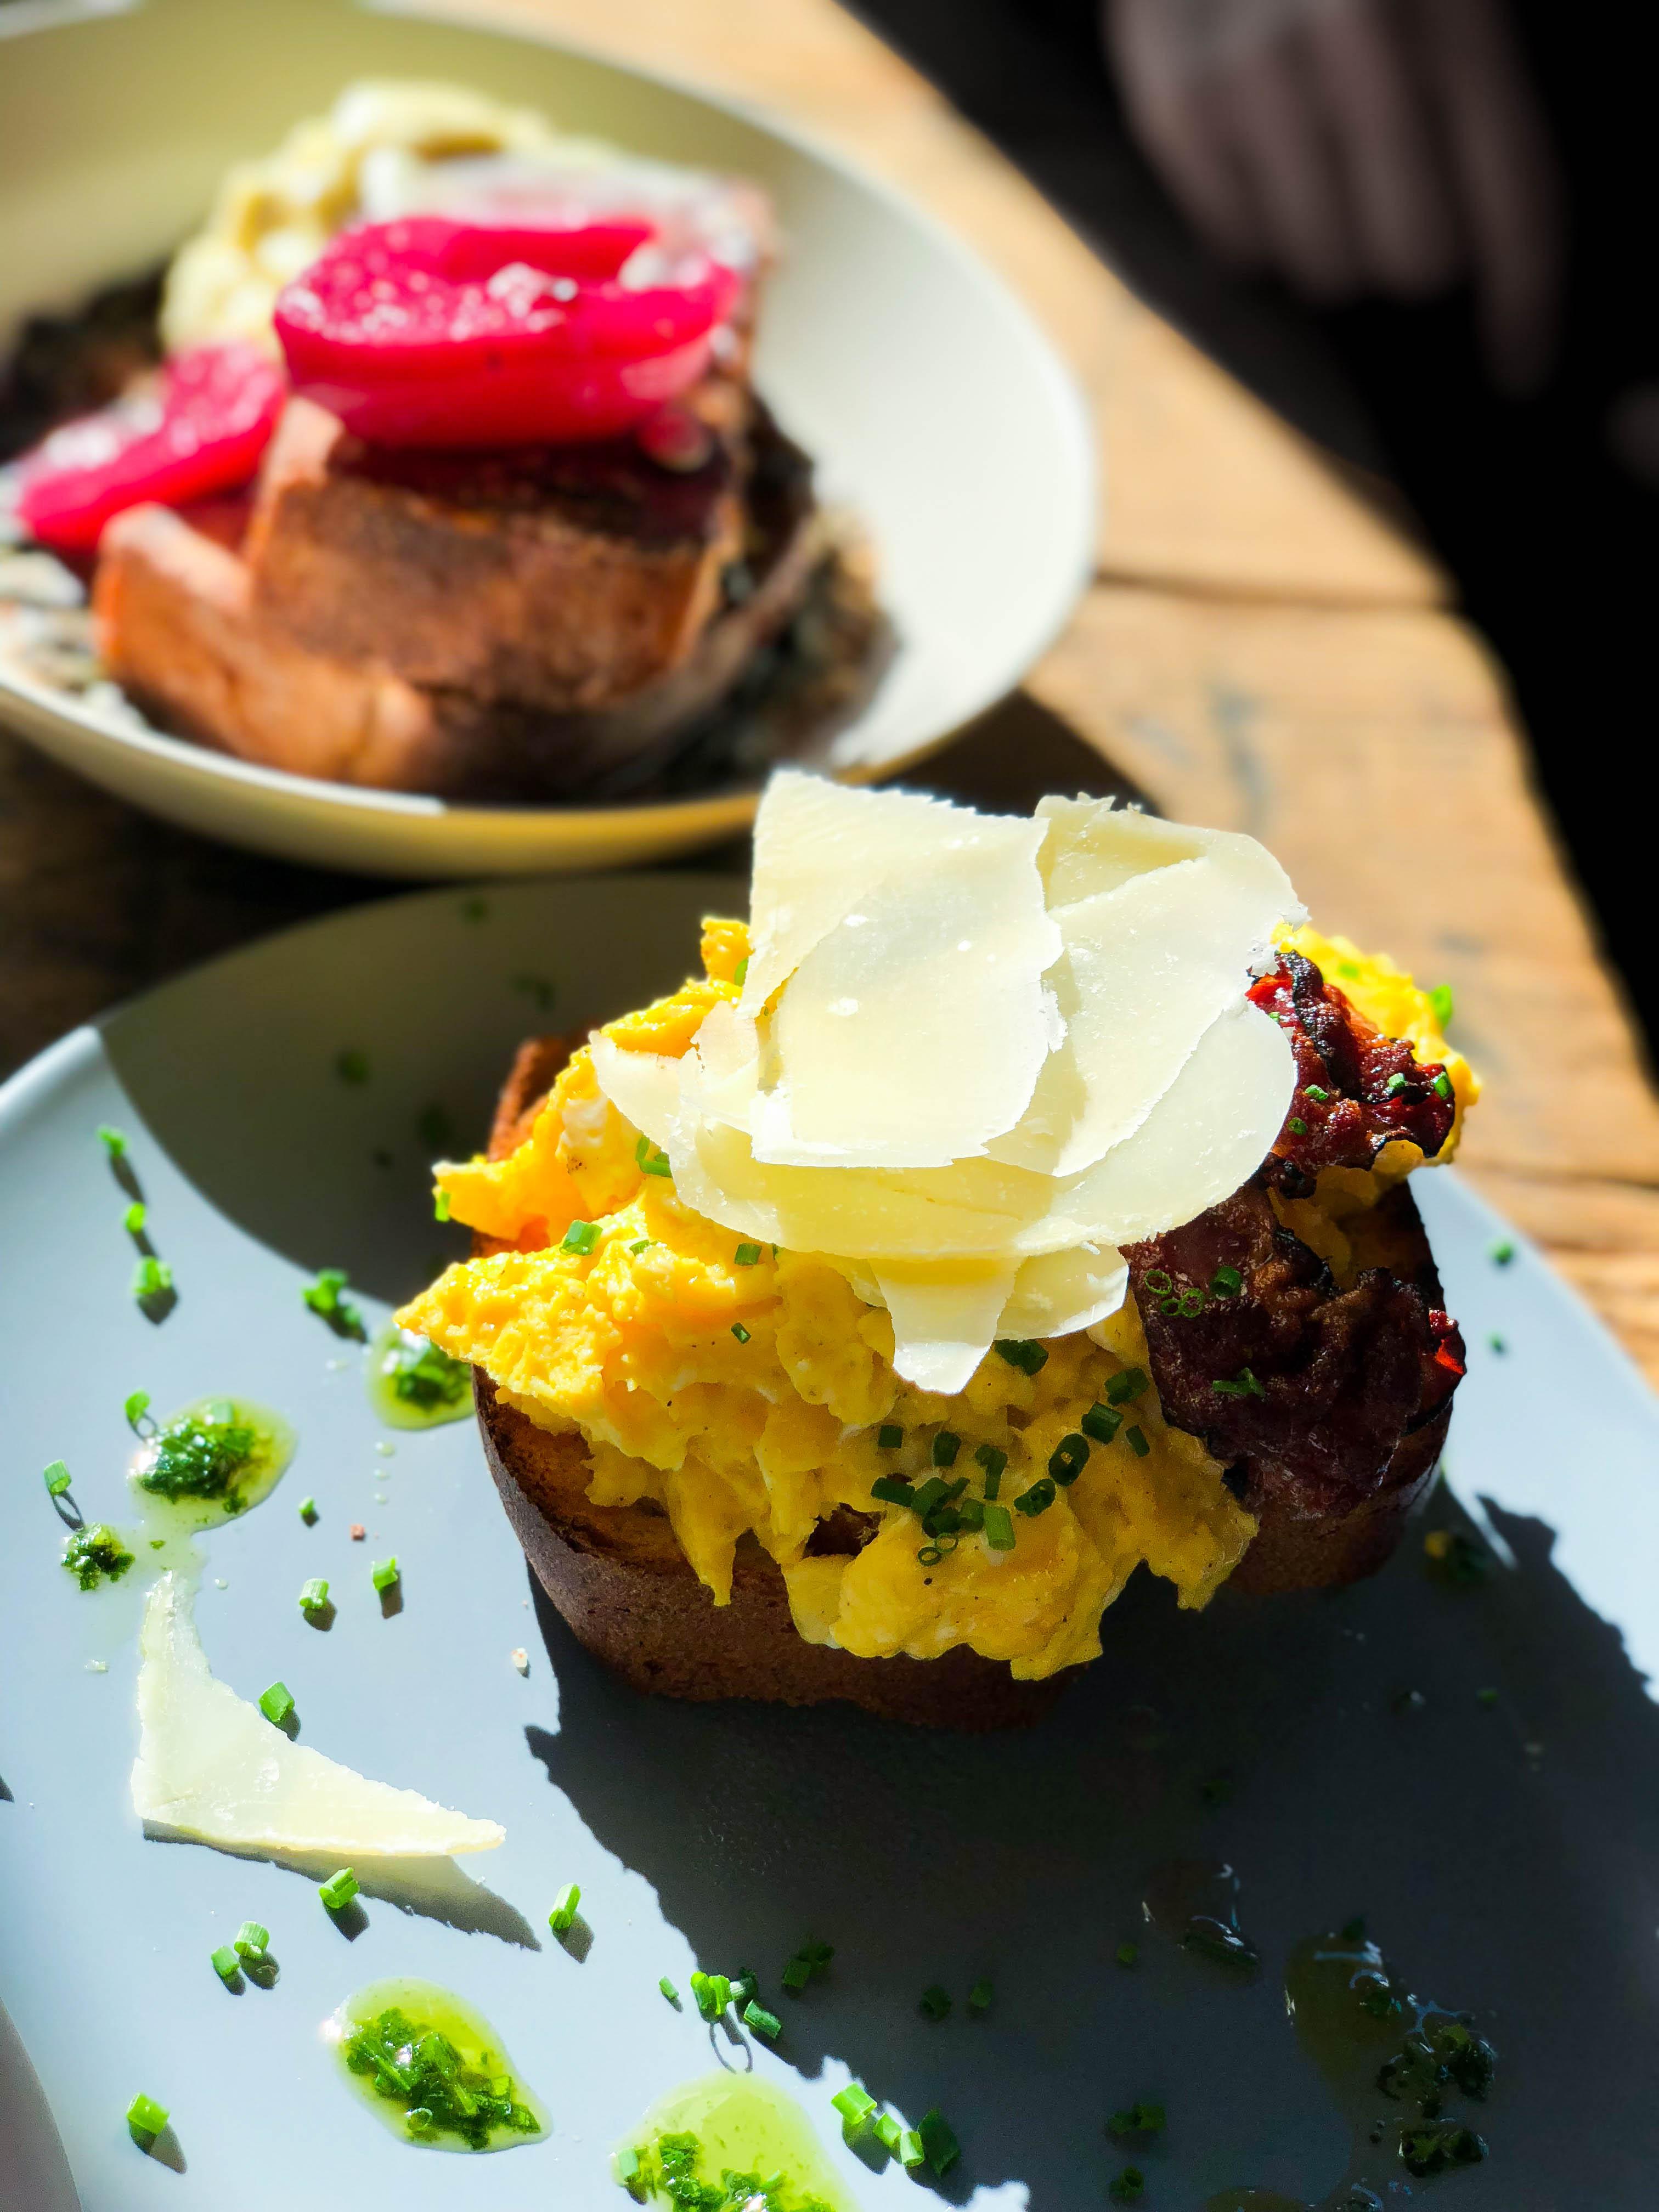 Cafe Letka Frühstück Restaurant Insider Tipps Prag Food Tipps besten Restaurants brunchen Reiseblog Eieromlette